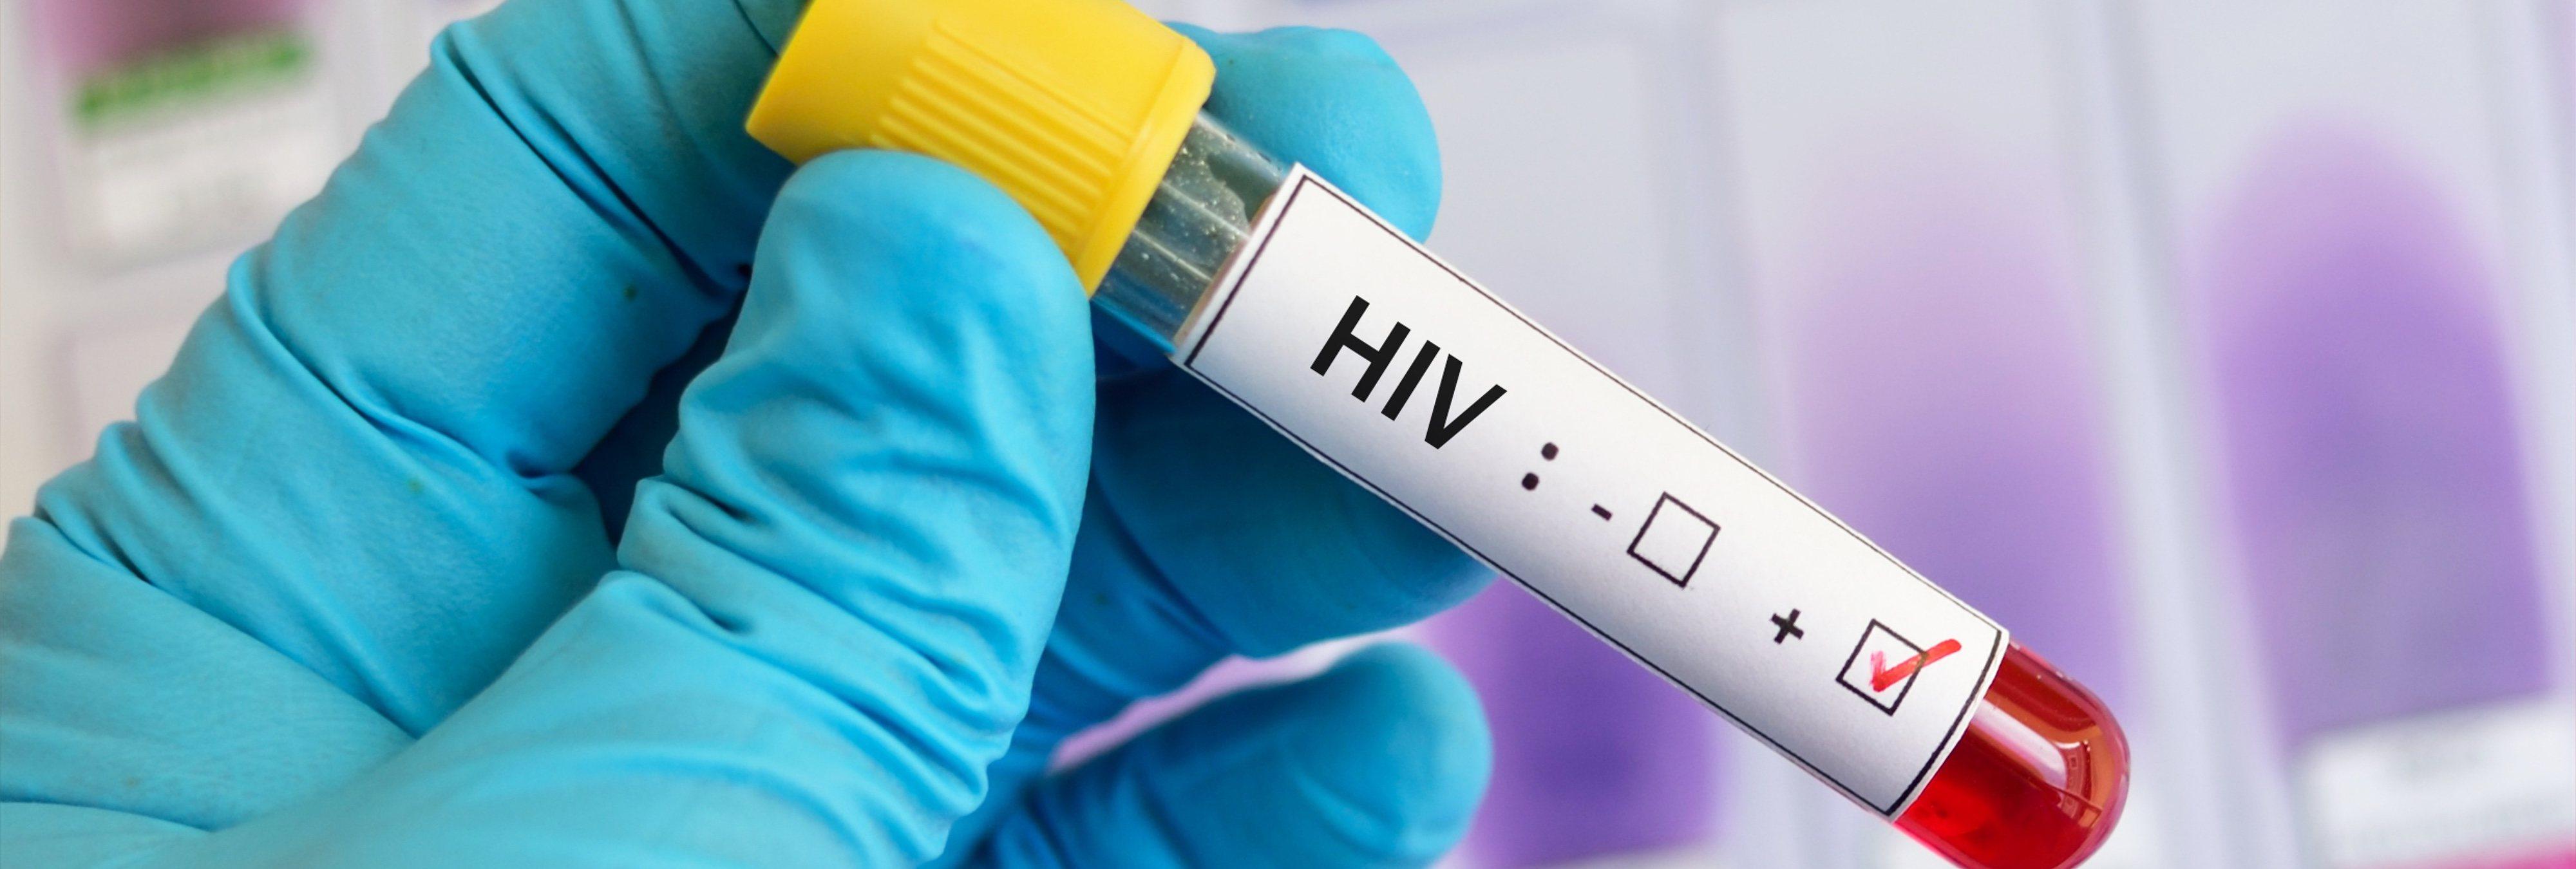 """Detienen al pediatra que contagió 437 niños de VIH al reutilizar jeringuillas """"por ahorro"""""""